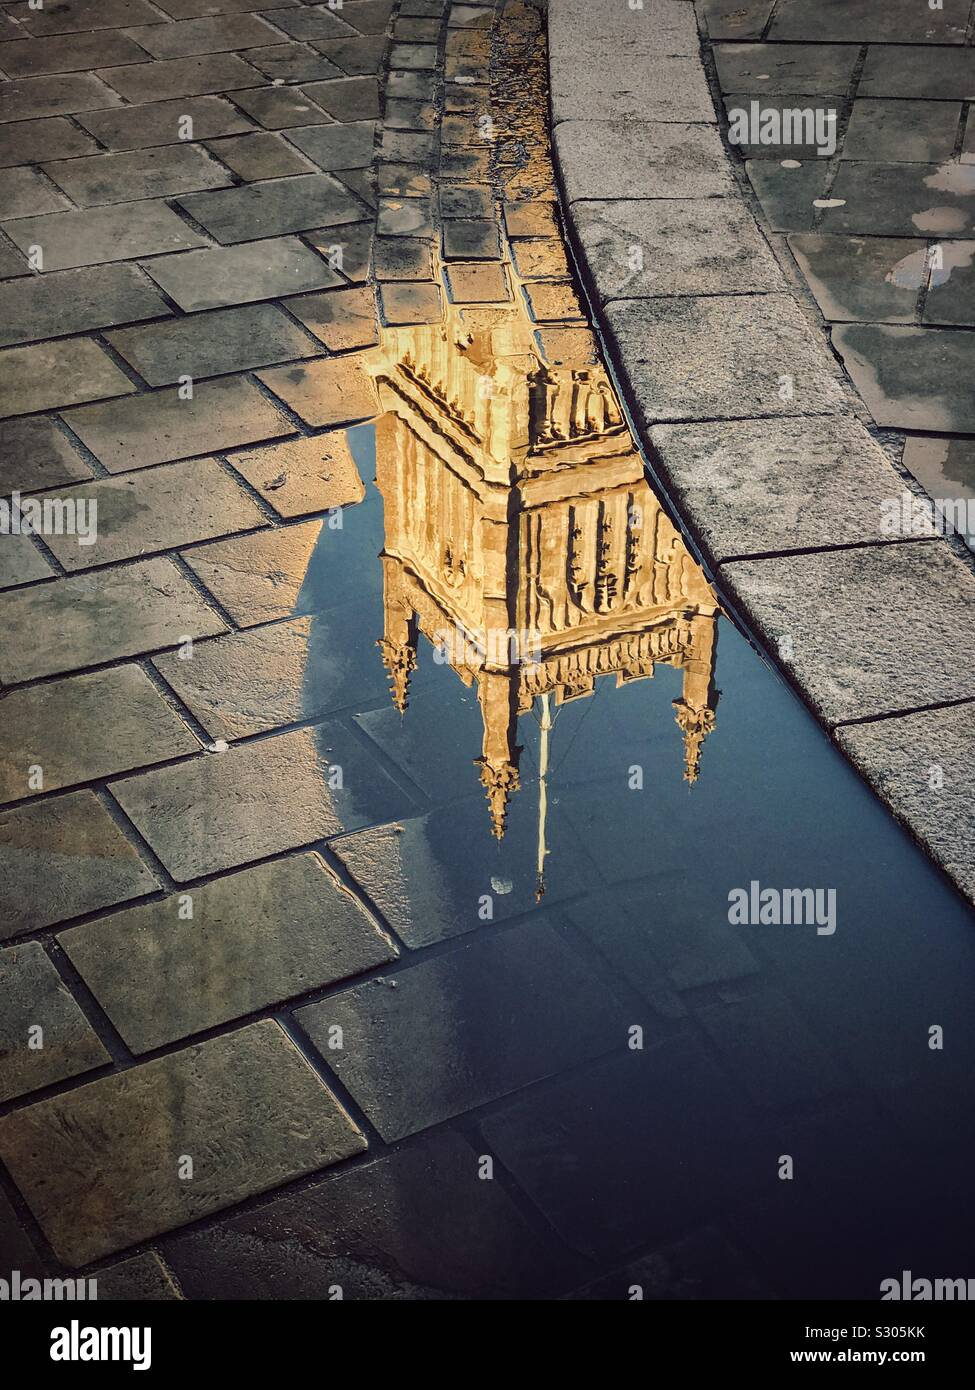 La réflexion d'un grand clocher de l'Église anglicane dans une flaque - quelque part dans le sud de l'Angleterre. Crédits photos - © COLIN HOSKINS. Banque D'Images